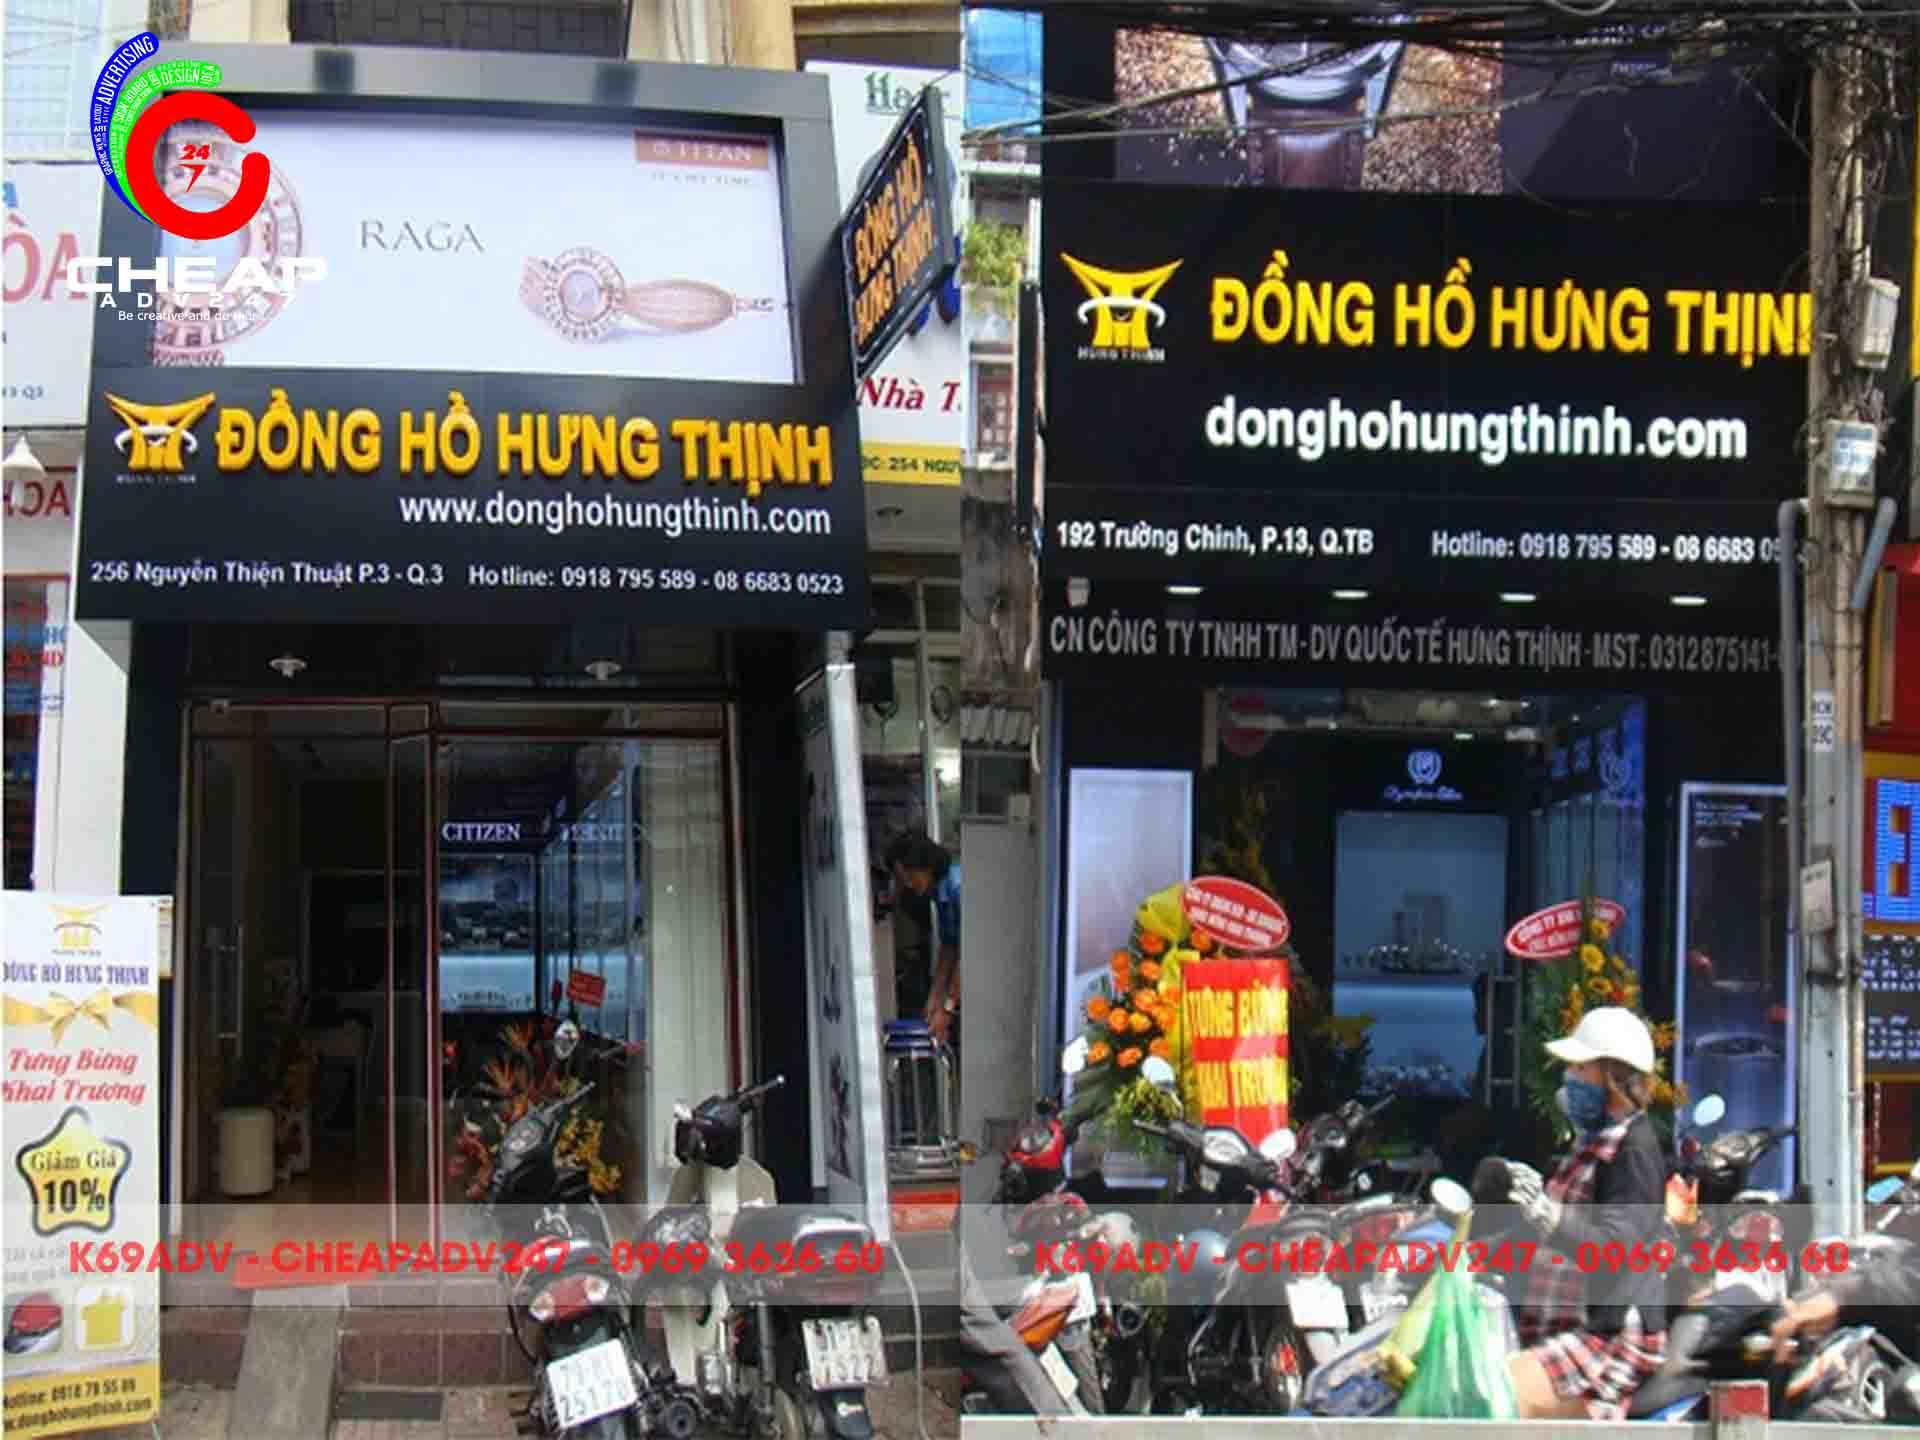 lam bang hieu shop chepadv2473